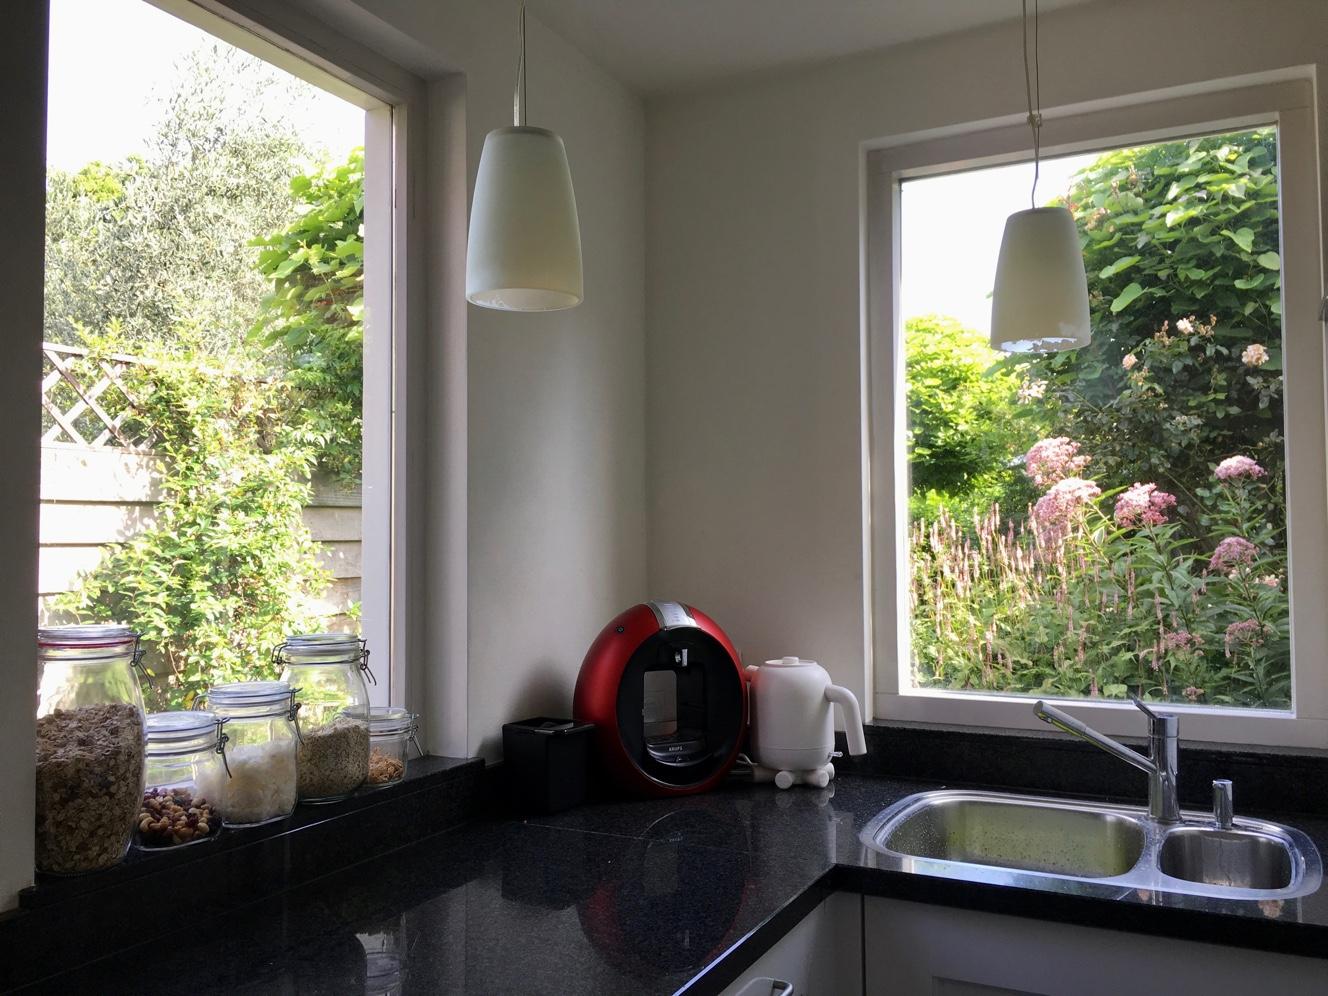 Huis styling, blog 6, goed gevoel, routines-2